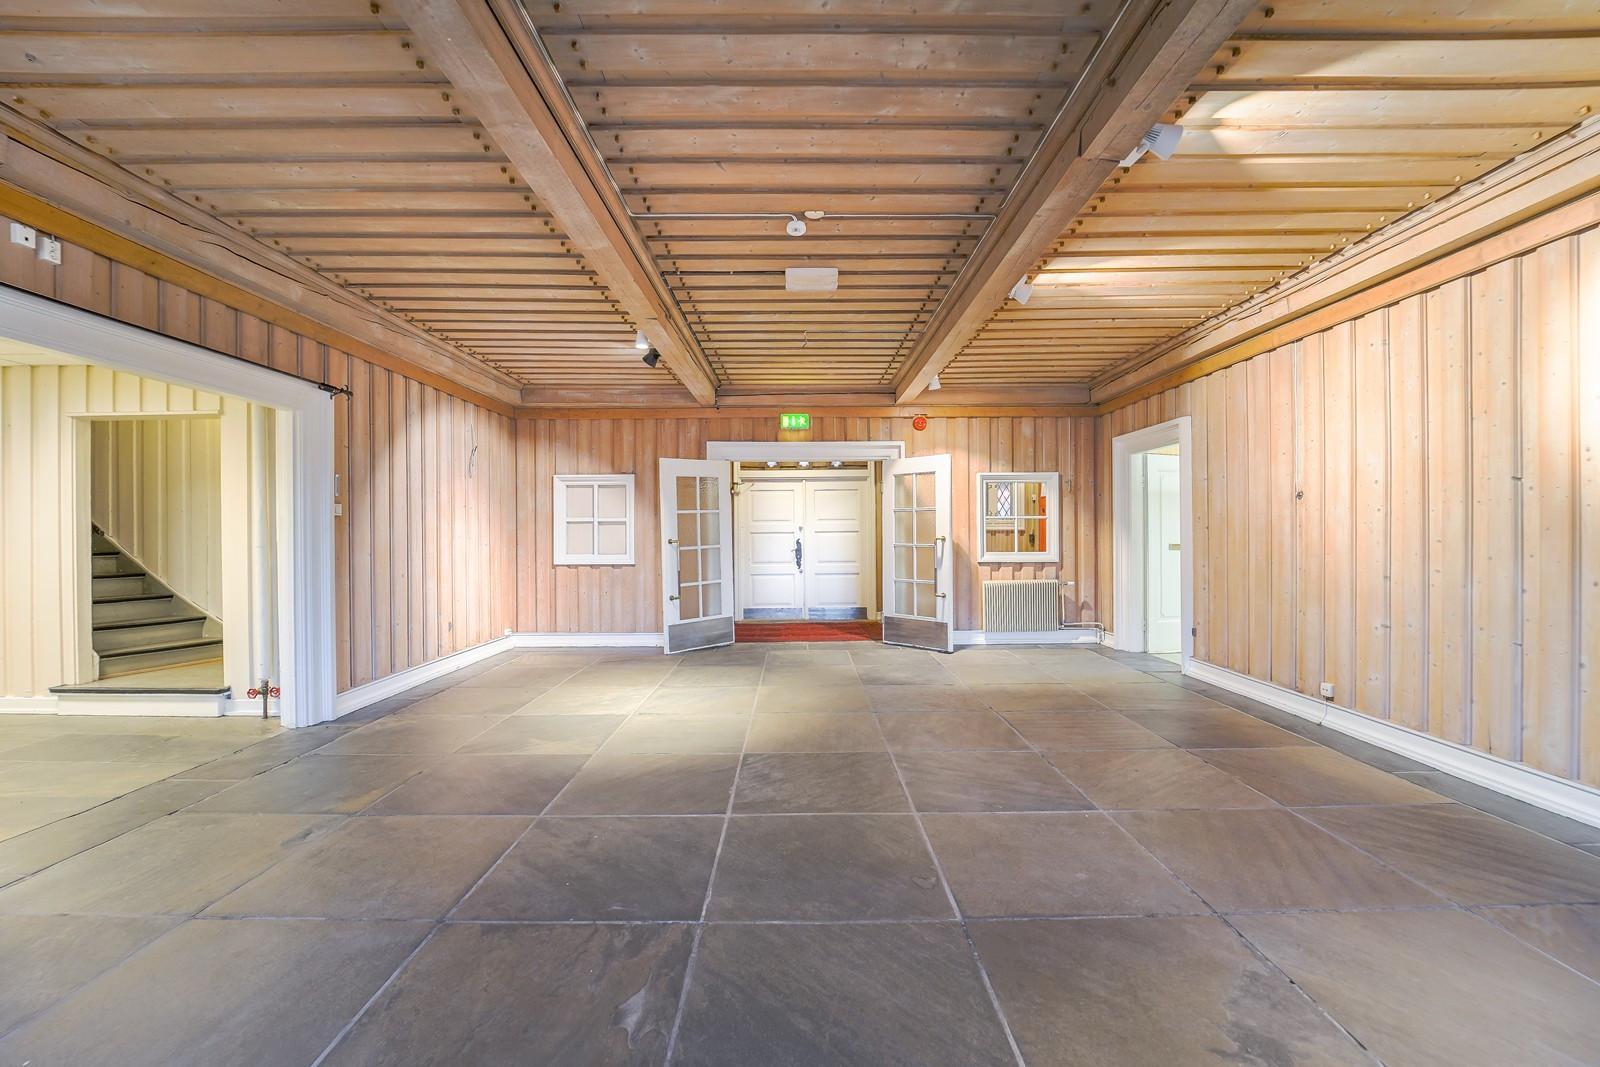 Inngangen leder inn til en hall